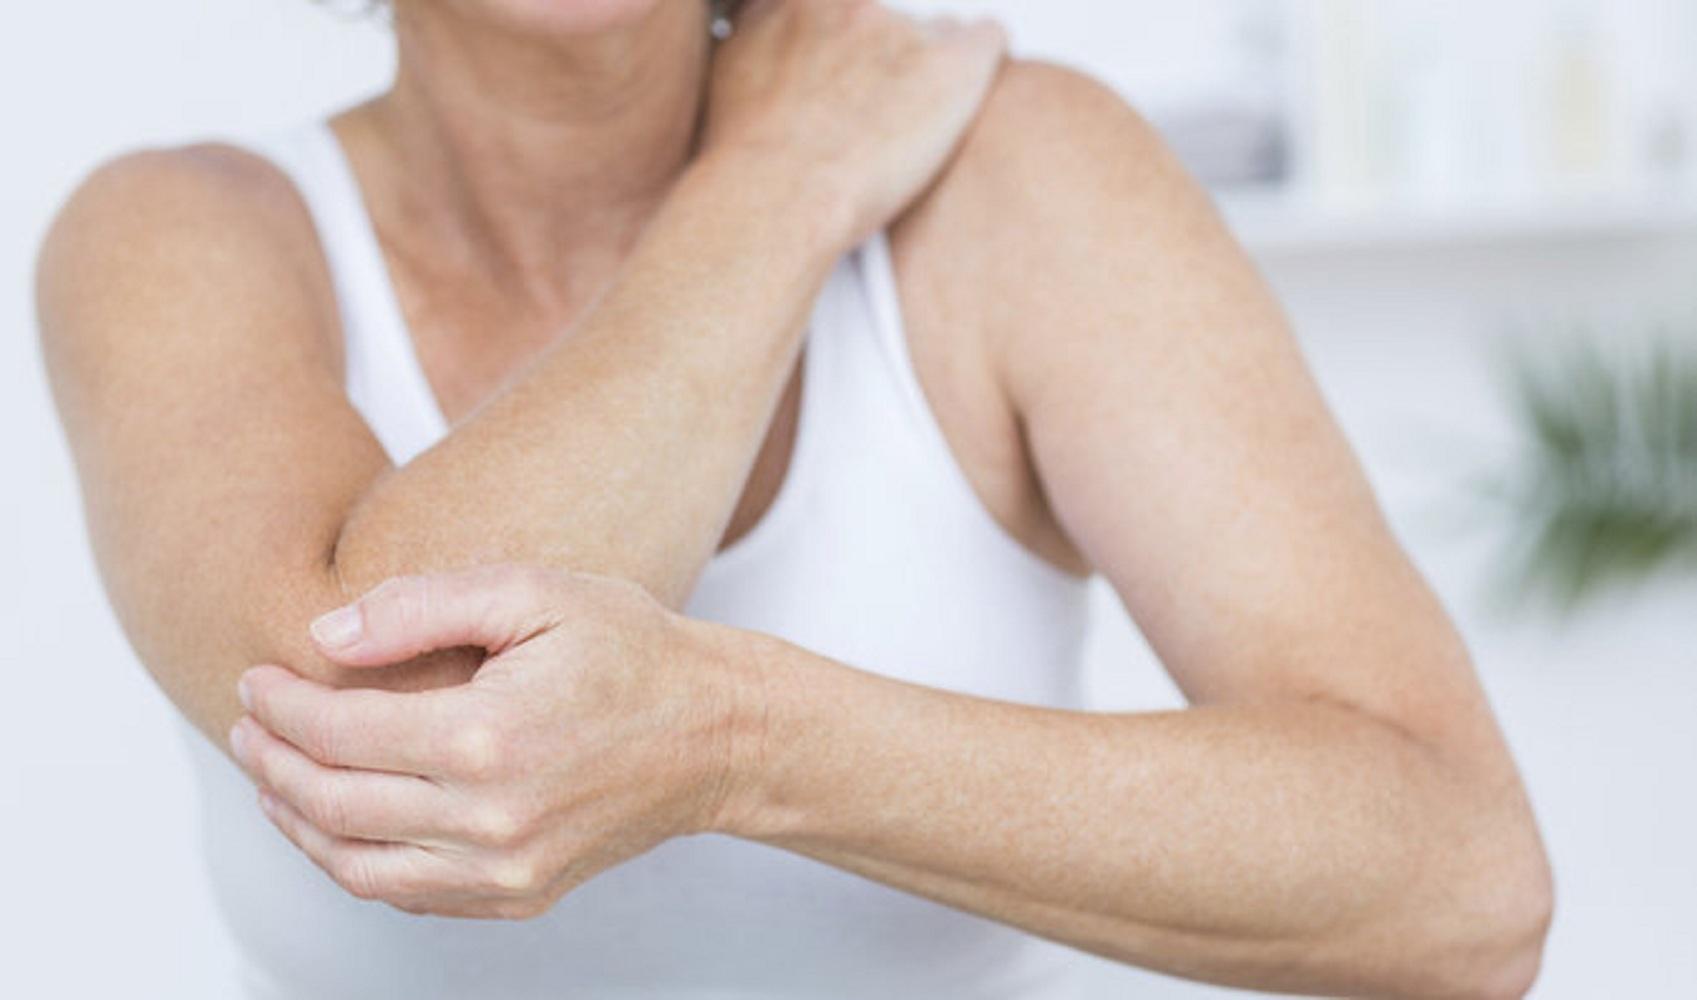 cum să tratezi durerile articulare la domiciliu